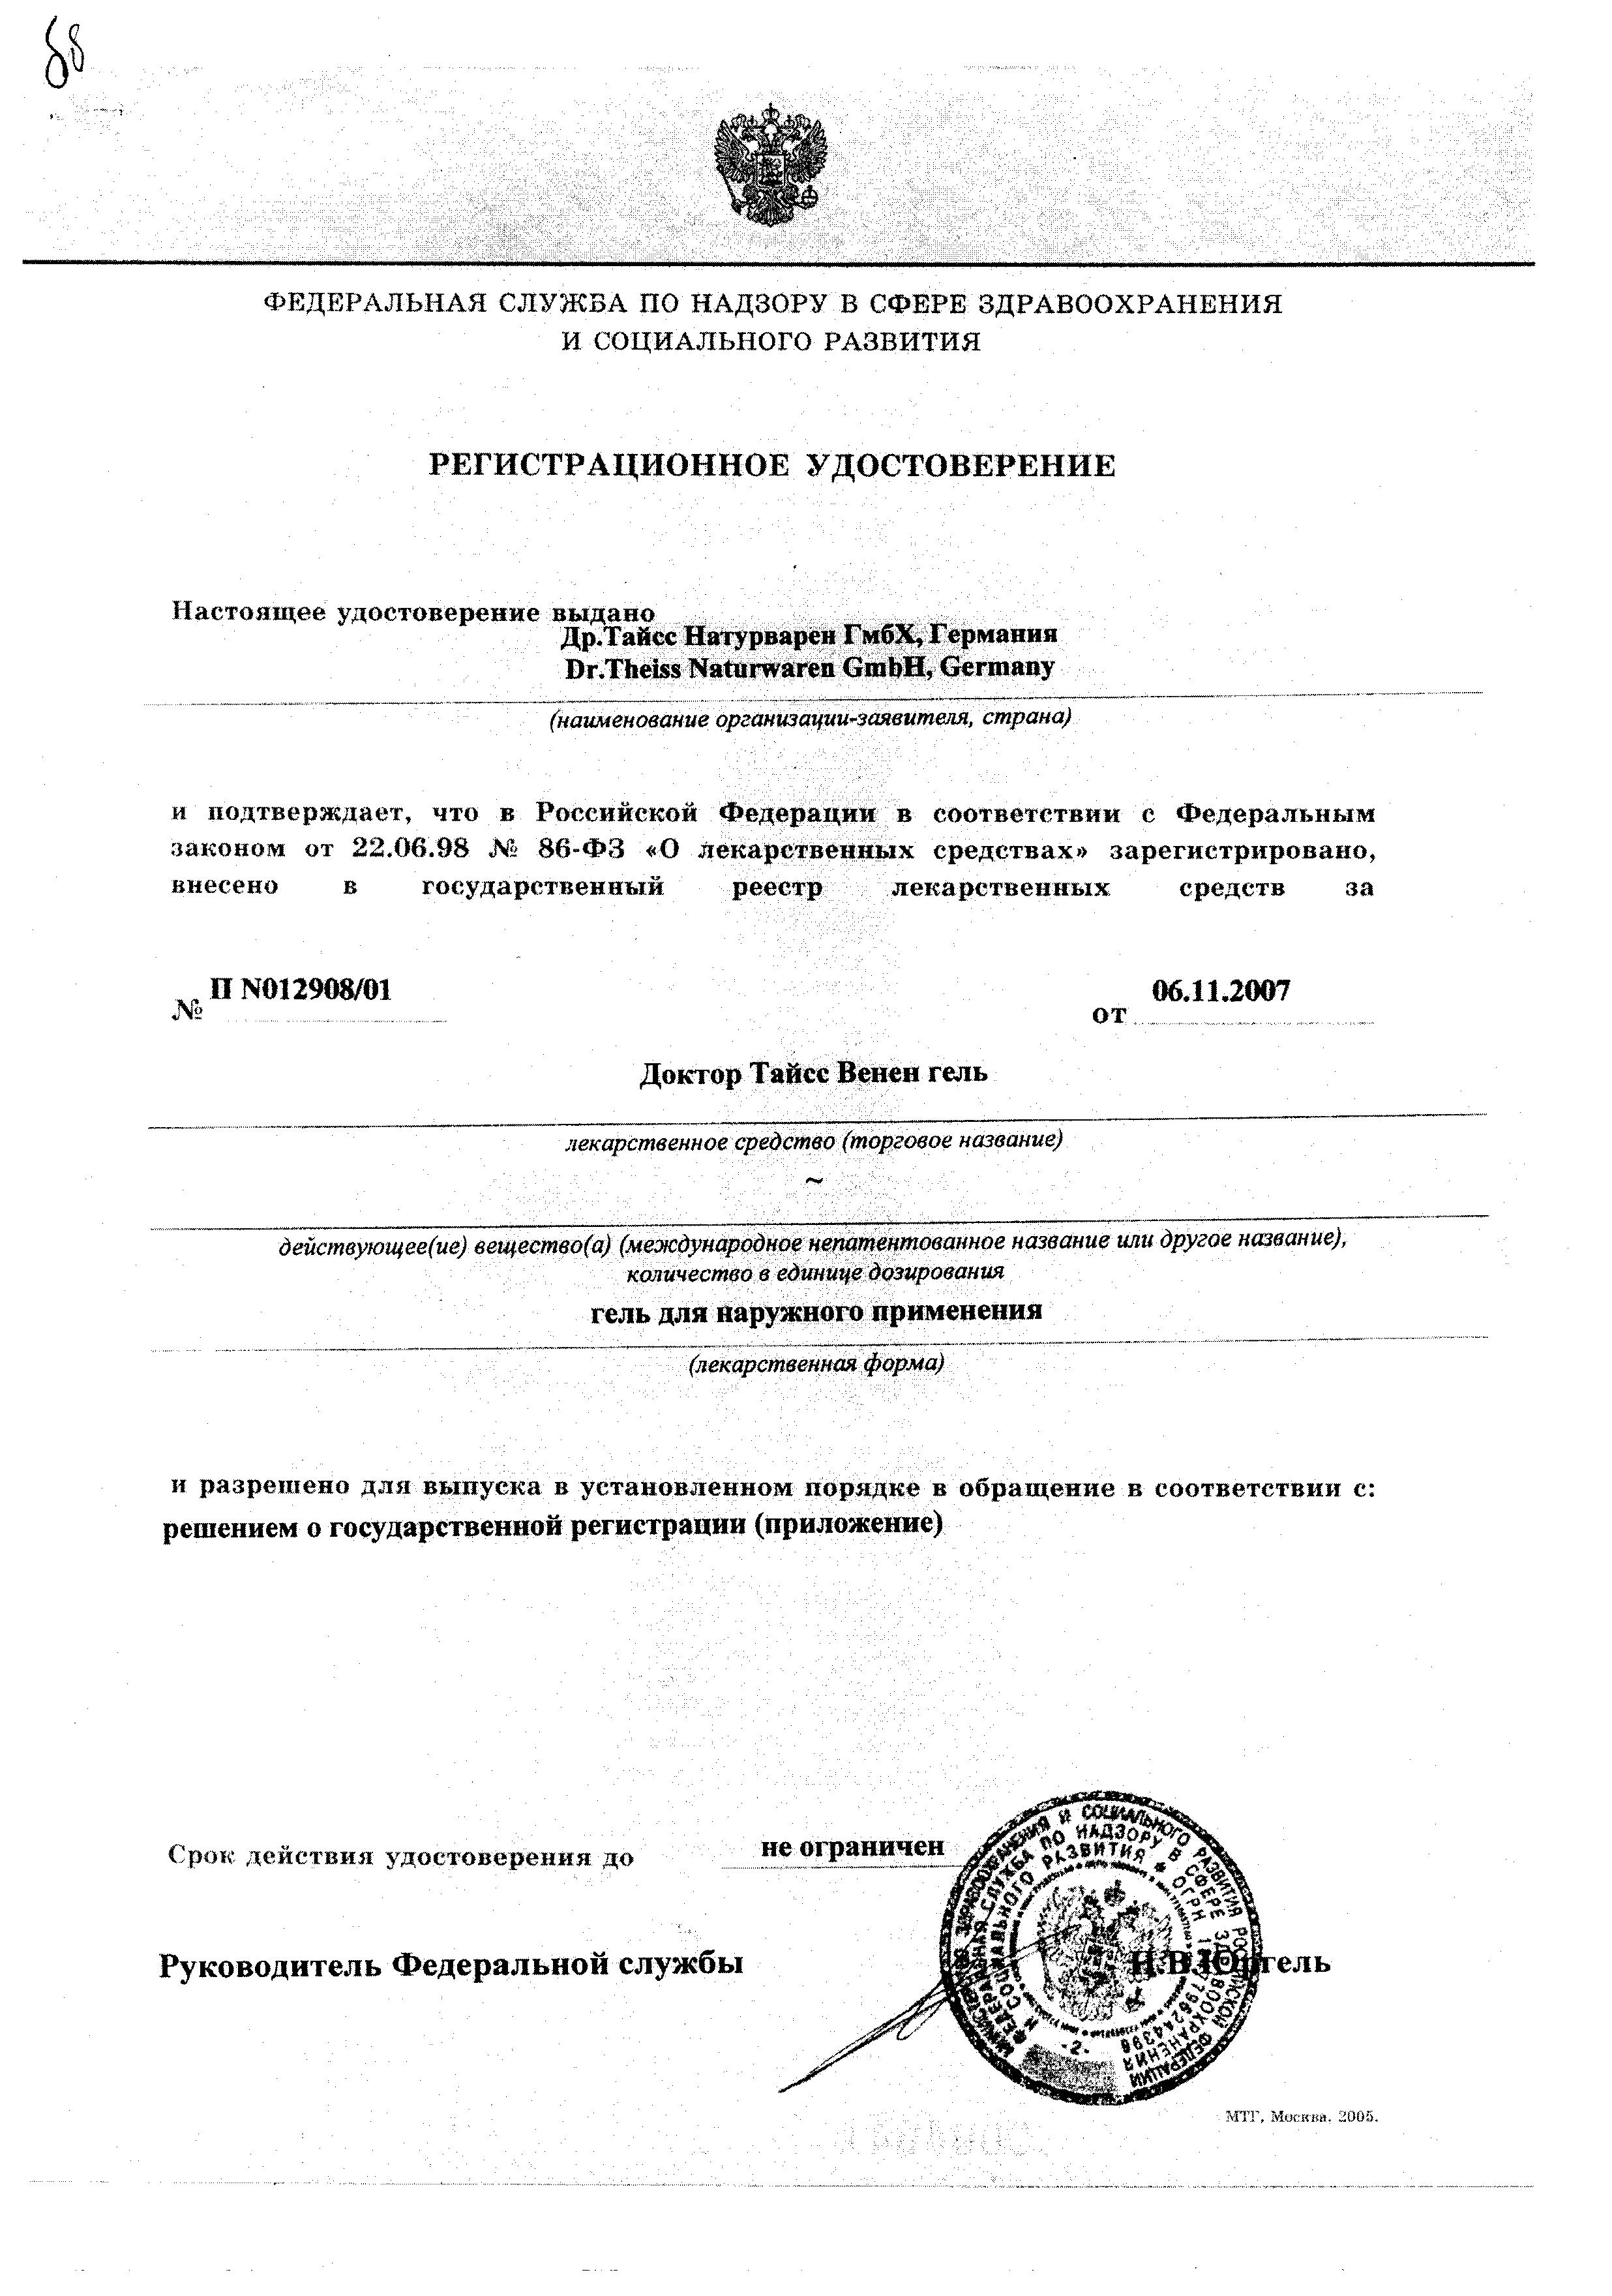 Доктор Тайсс Венен гель сертификат